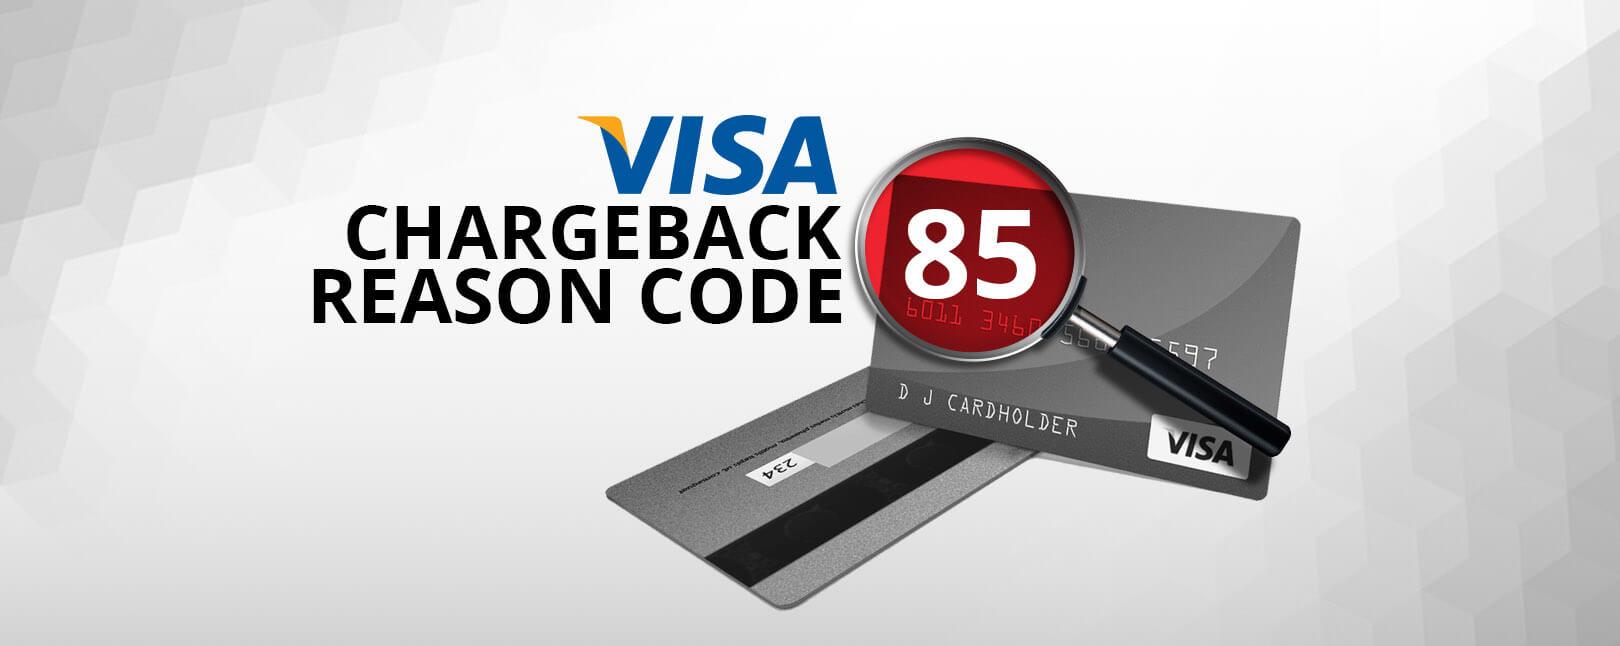 visa-chargeback-reason-code-85